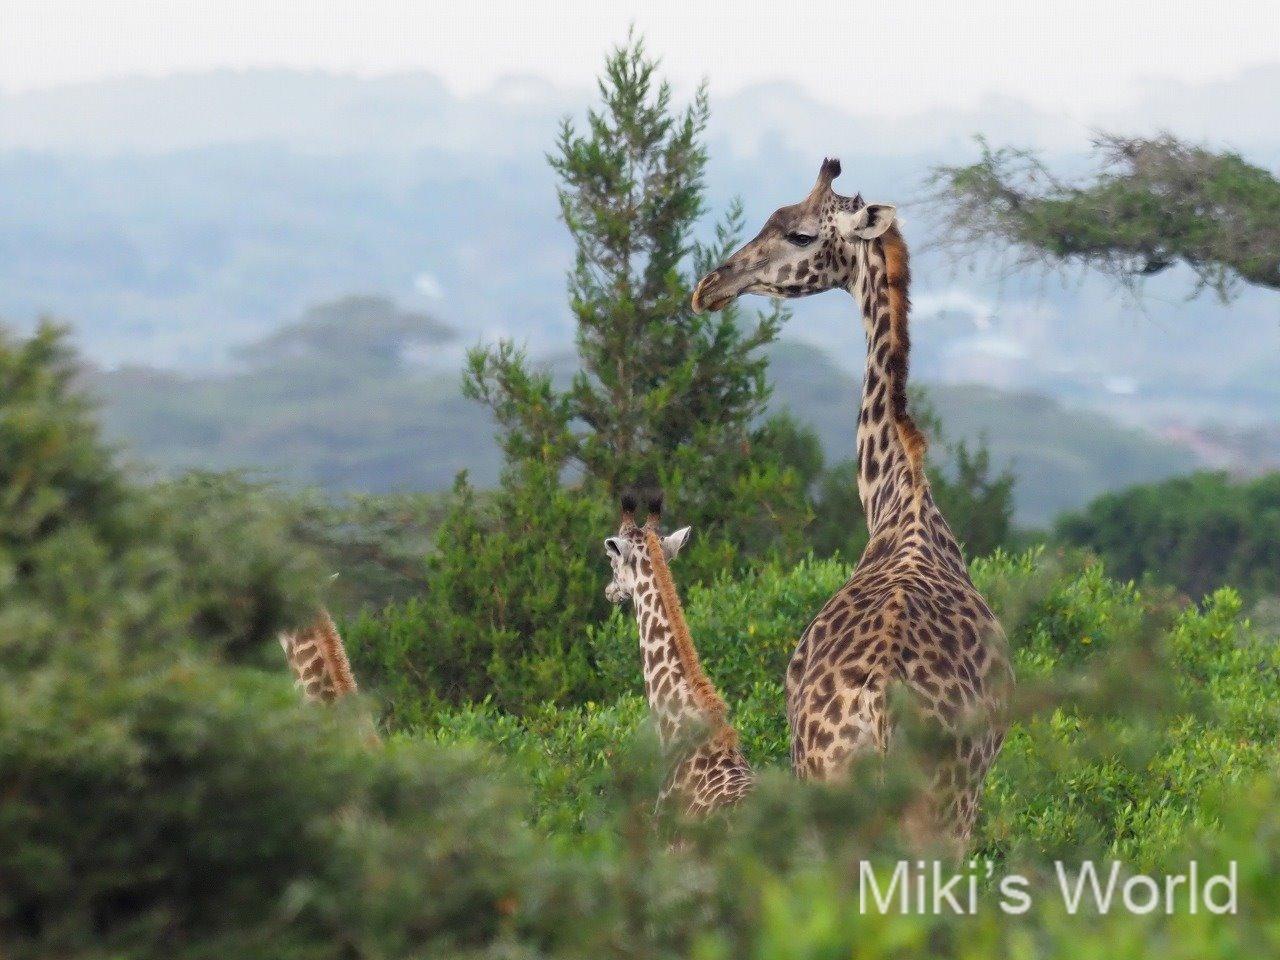 明日からタンザニア(Tanzania)へ行ってきます! しばらくお返事遅れます